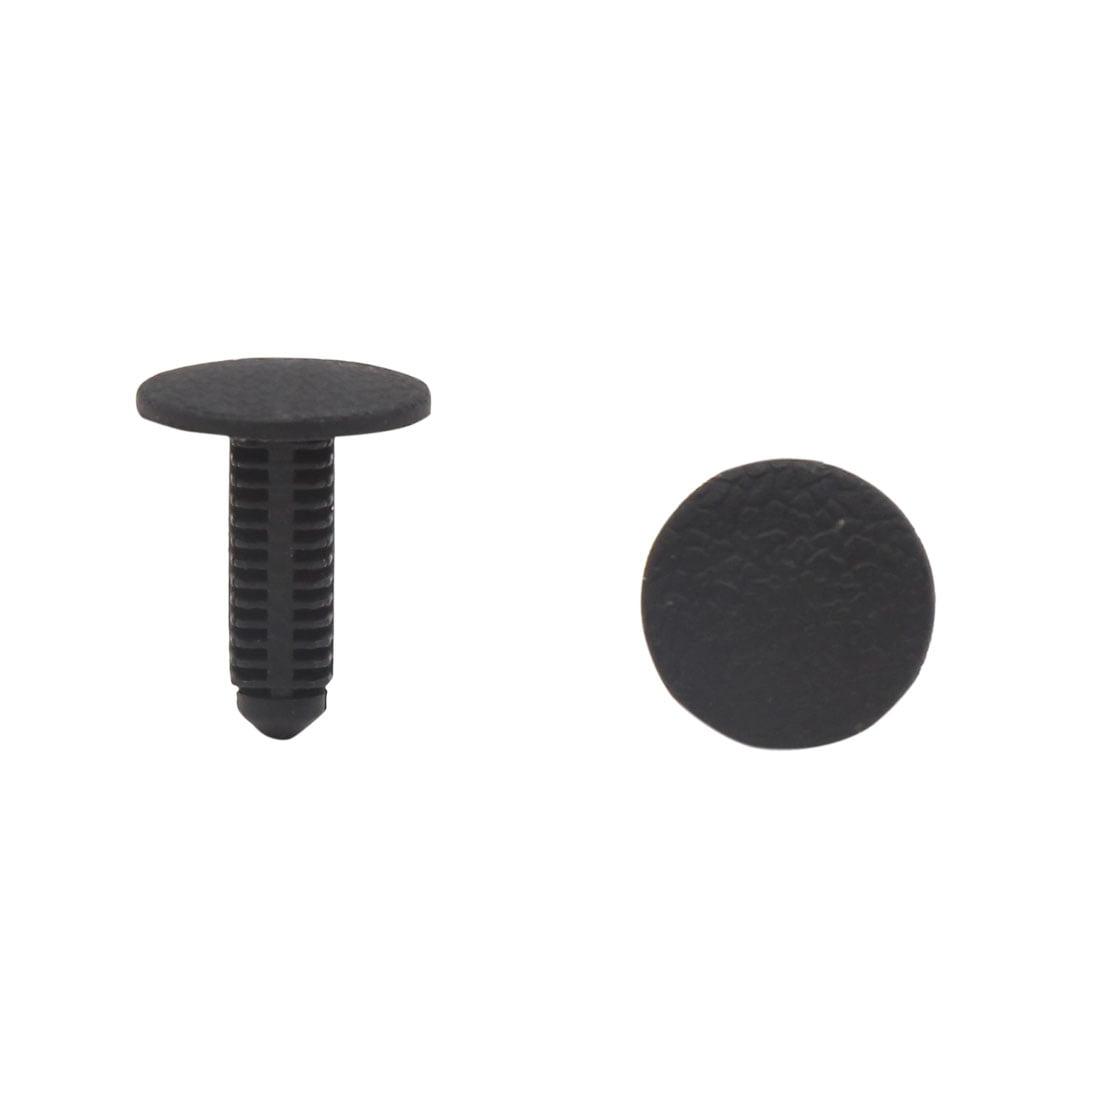 50Pcs Black Car Plastic Rivets Door Bumper Fastener Clip 6 x 7mm for Toyota - image 2 de 2